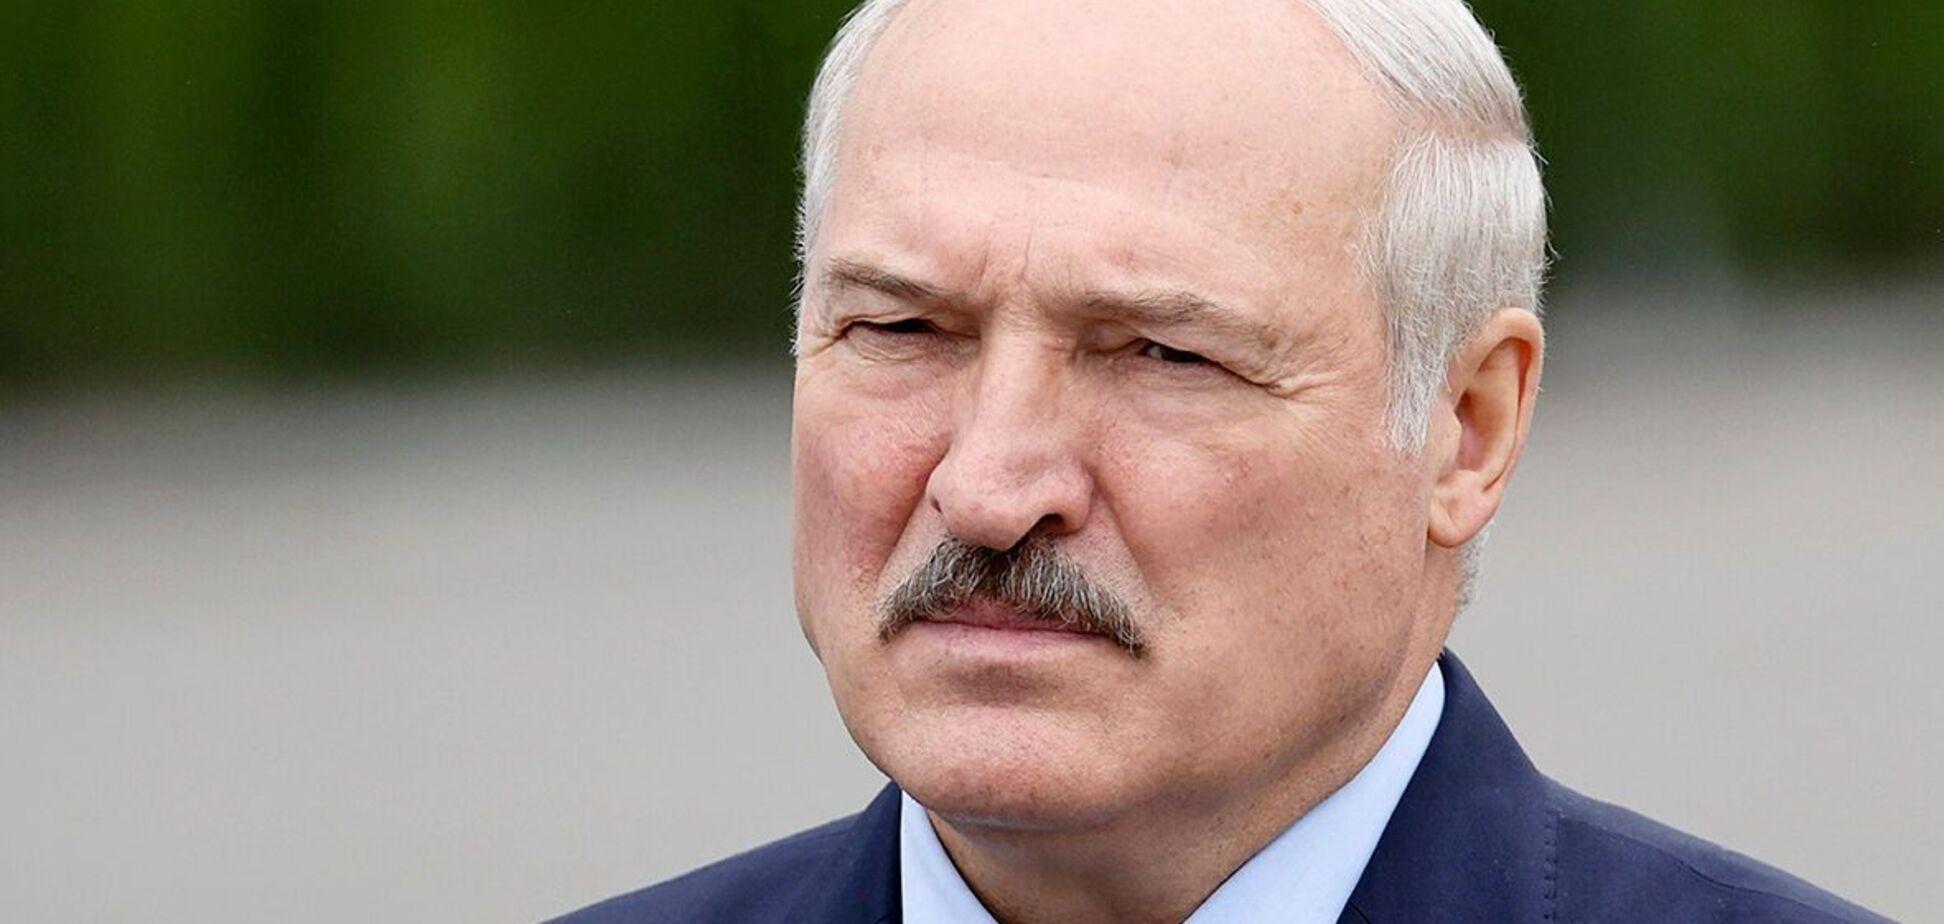 Латвия отменила визит Лукашенко в Ригу